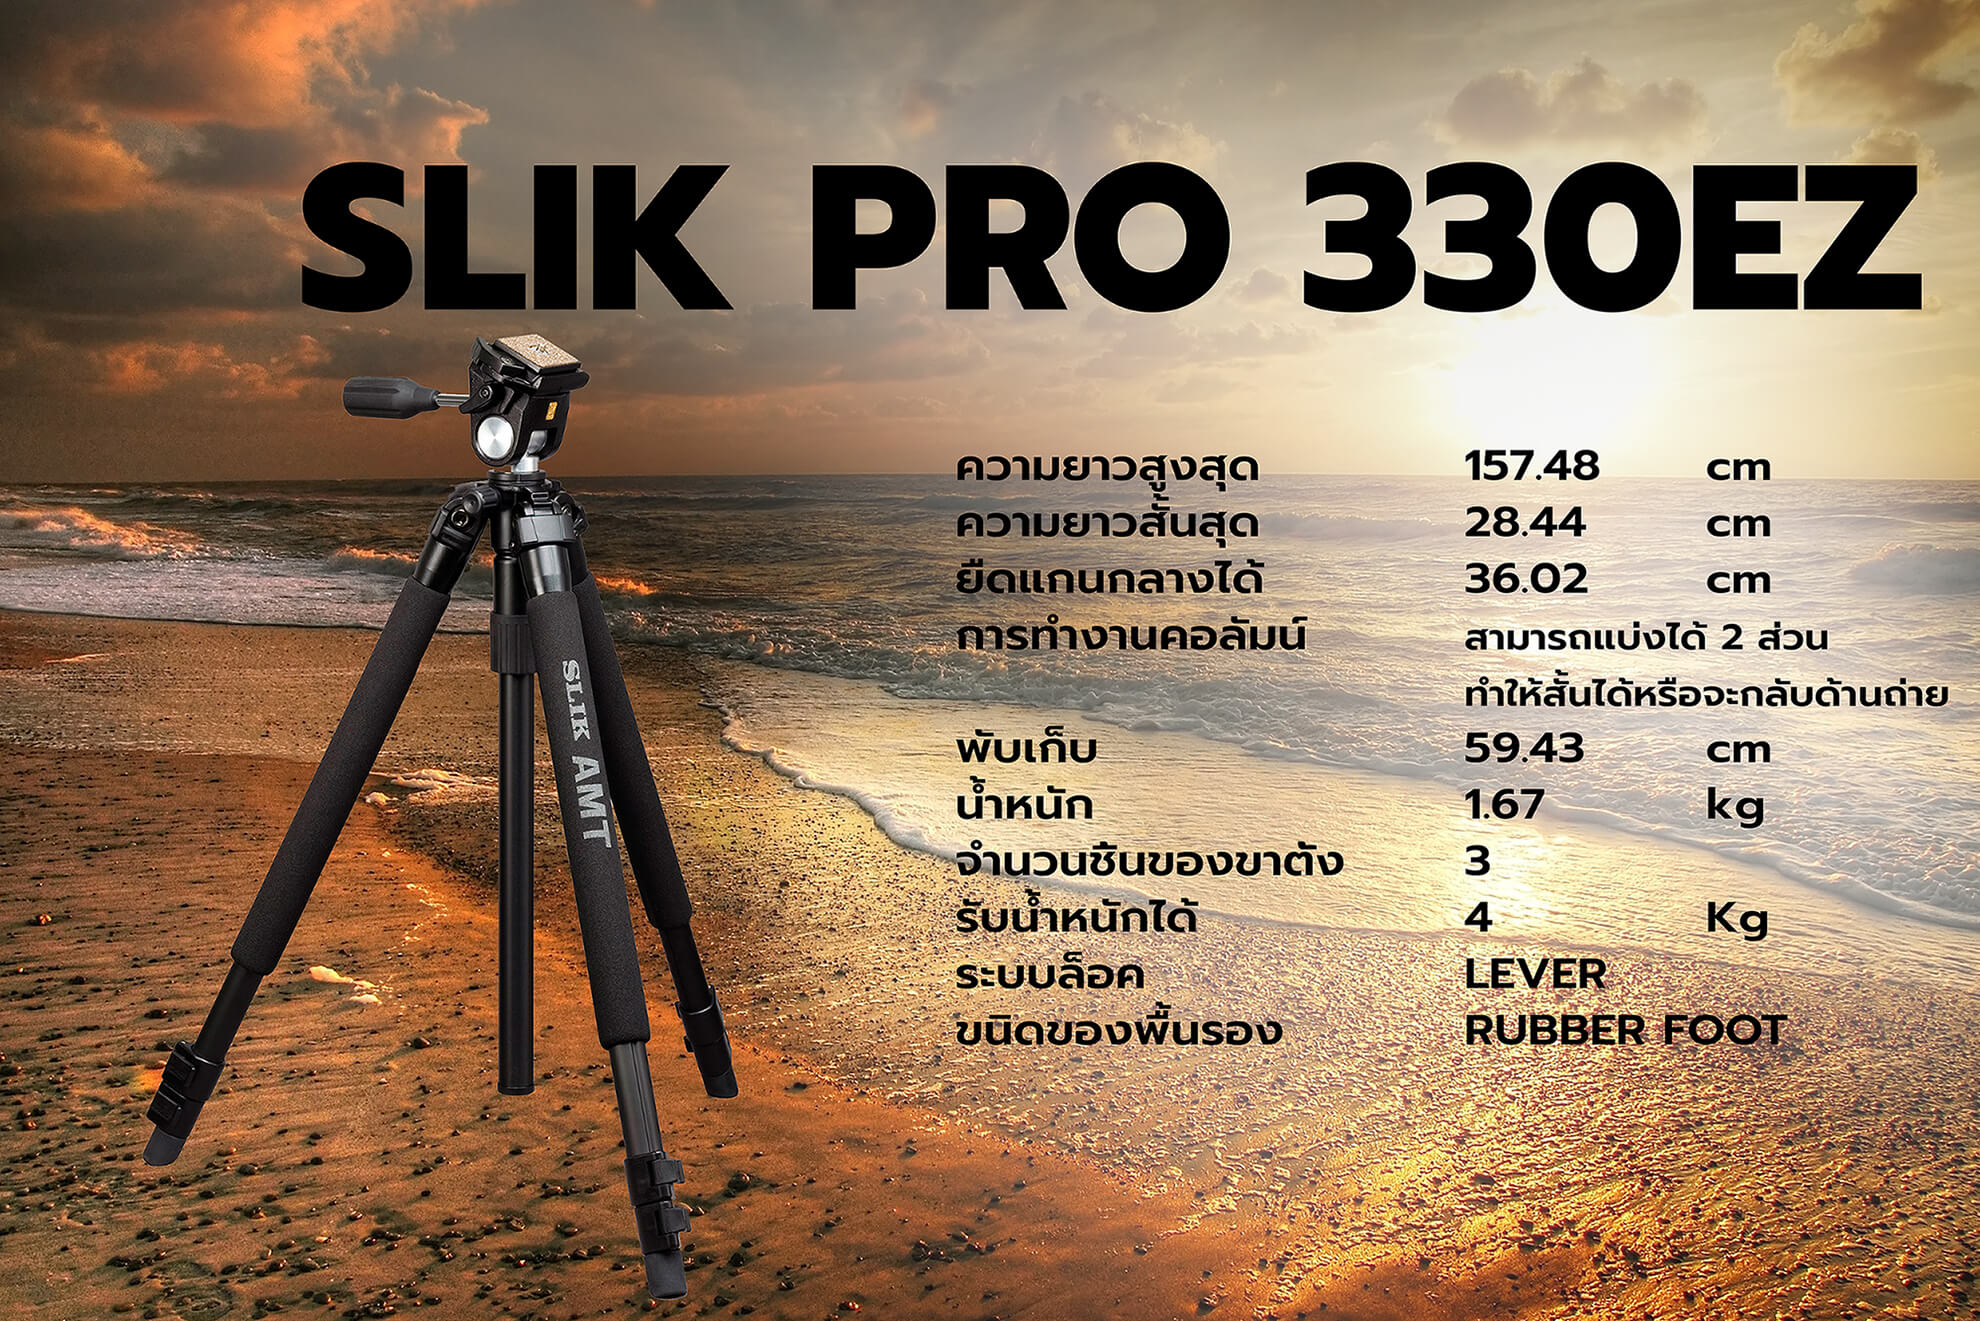 SLIK Pro 330EZ Tripod with 2-Way PanTilt Head Black